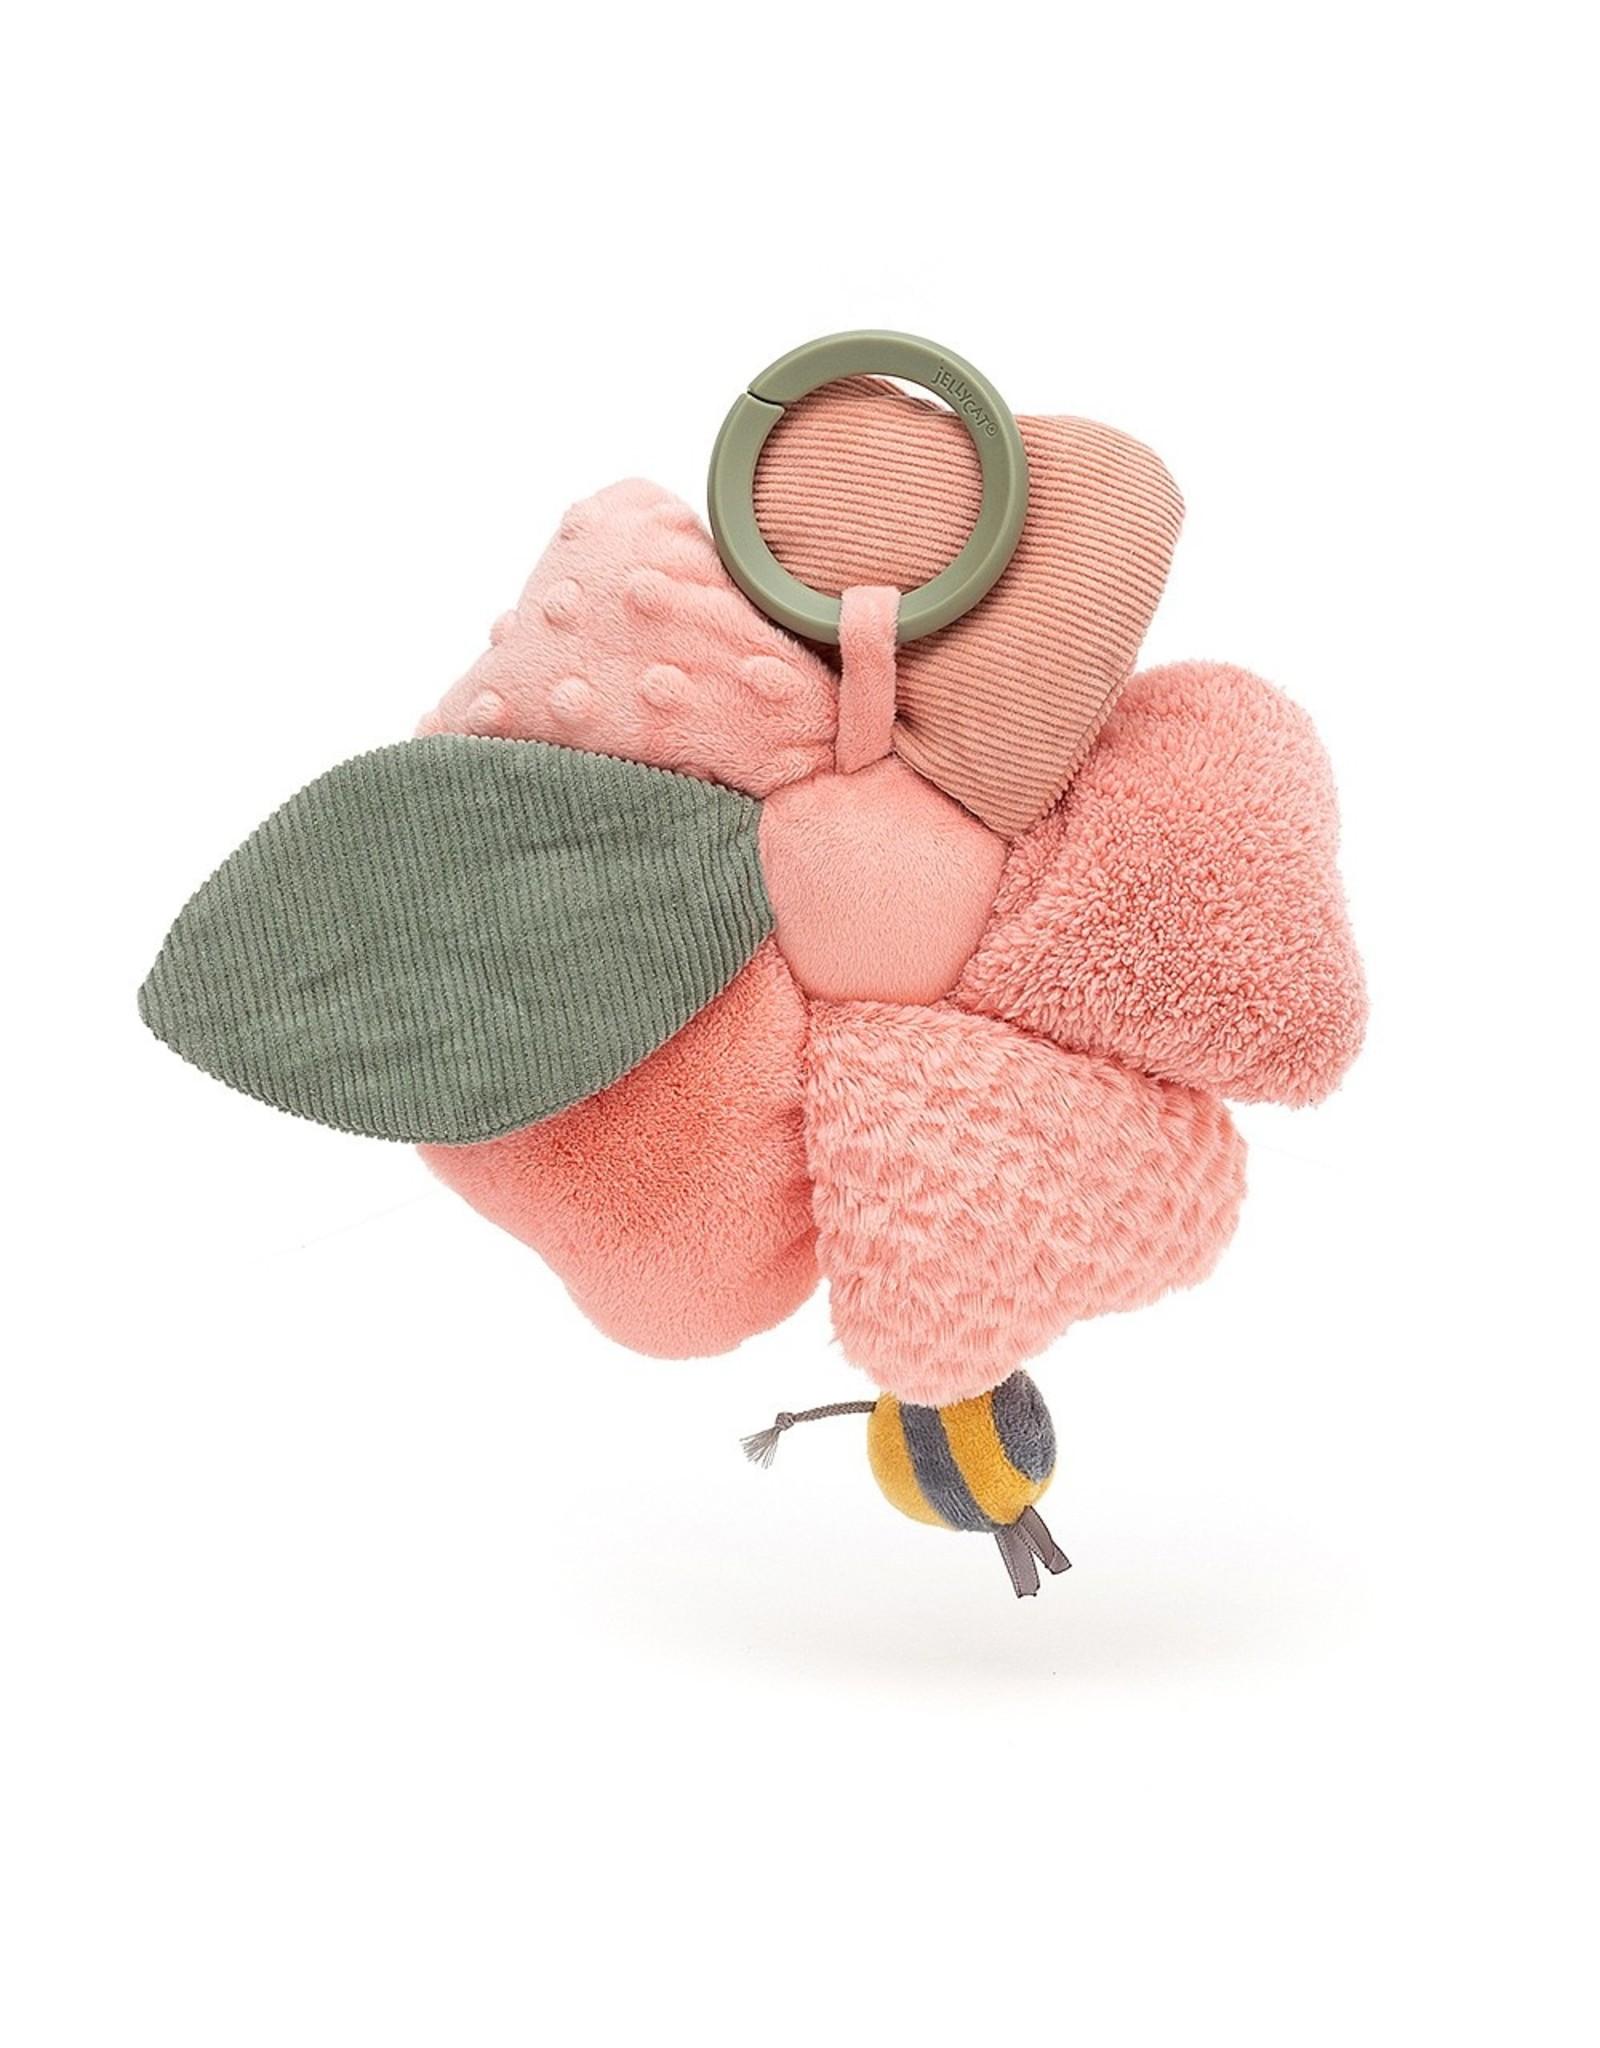 Jellycat Fleury petunia activity toys